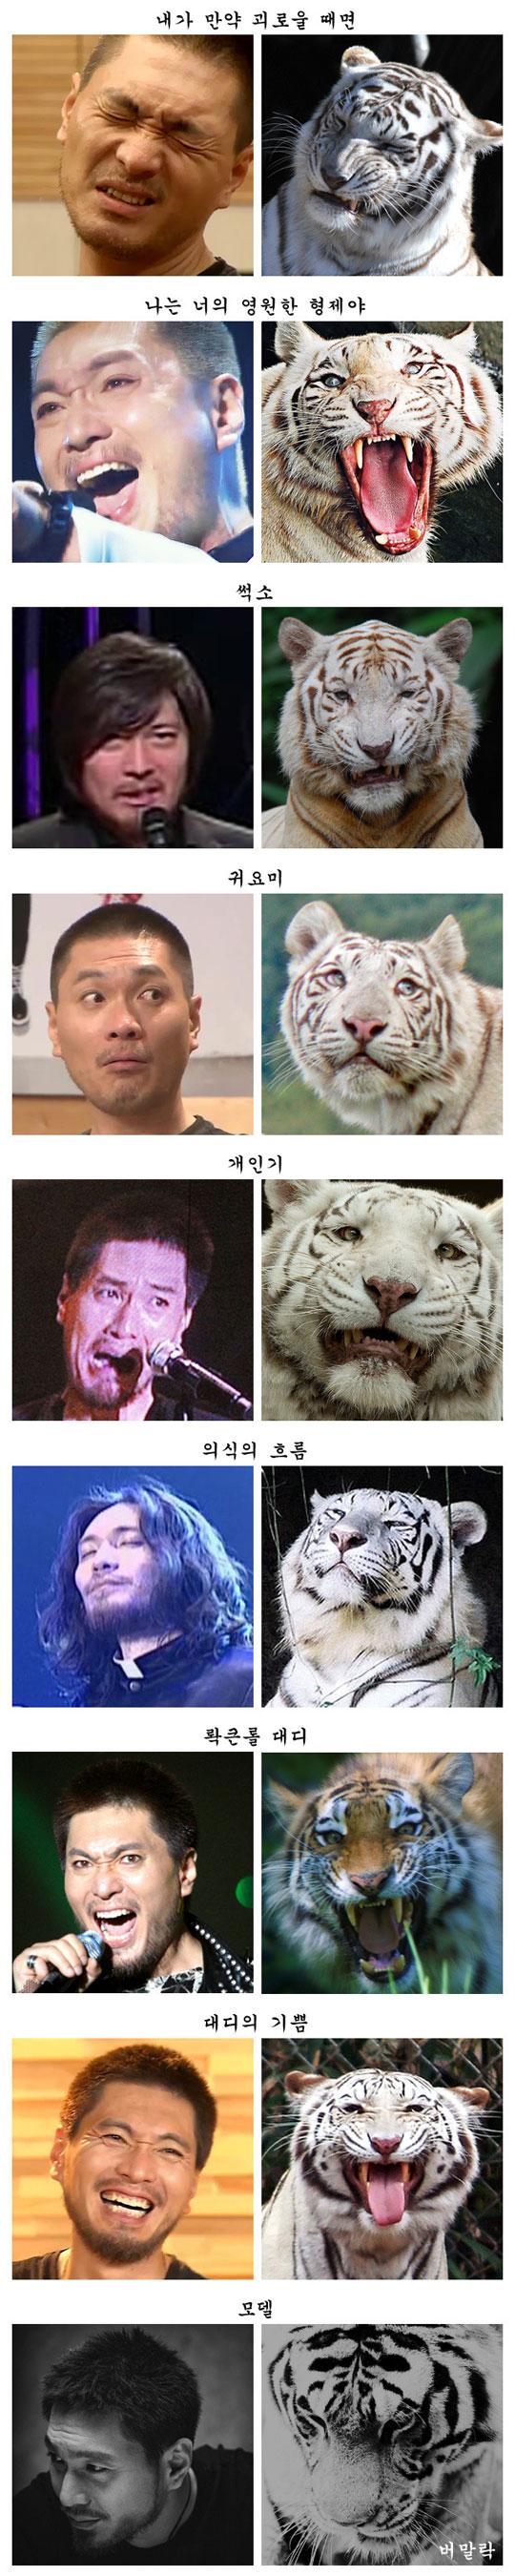 임재범-호랑이 비교사진 화제